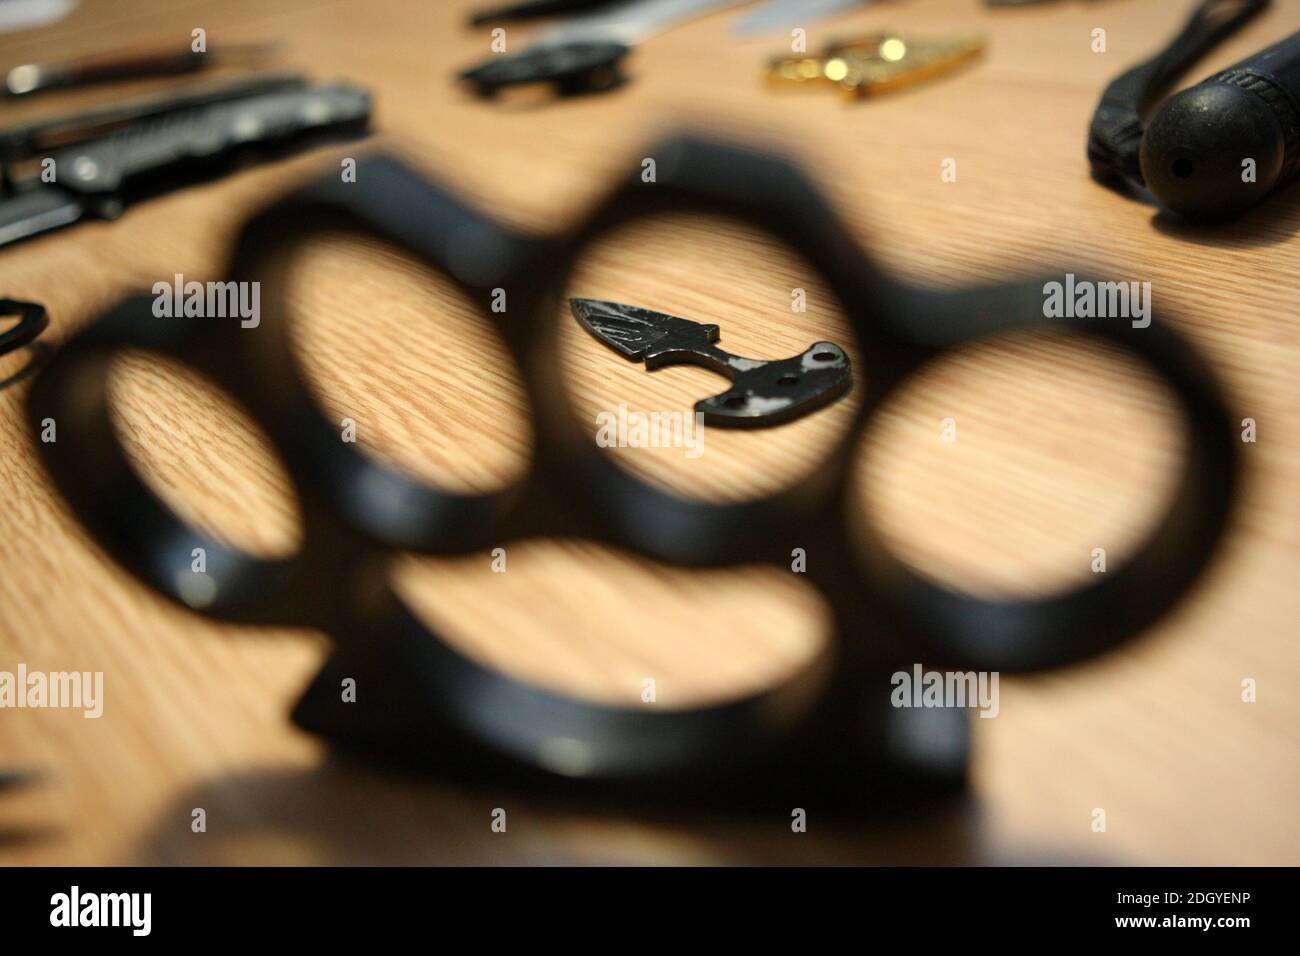 Una selección de armas incautadas por la Policía de Northumbria, todas estas armas fueron ordenadas en sitios web y apps, pero interceptadas por la Fuerza Fronteriza del Reino Unido antes de ser enviadas a direcciones en Tyneside, el miércoles 2 de diciembre de 2020. Foto de stock